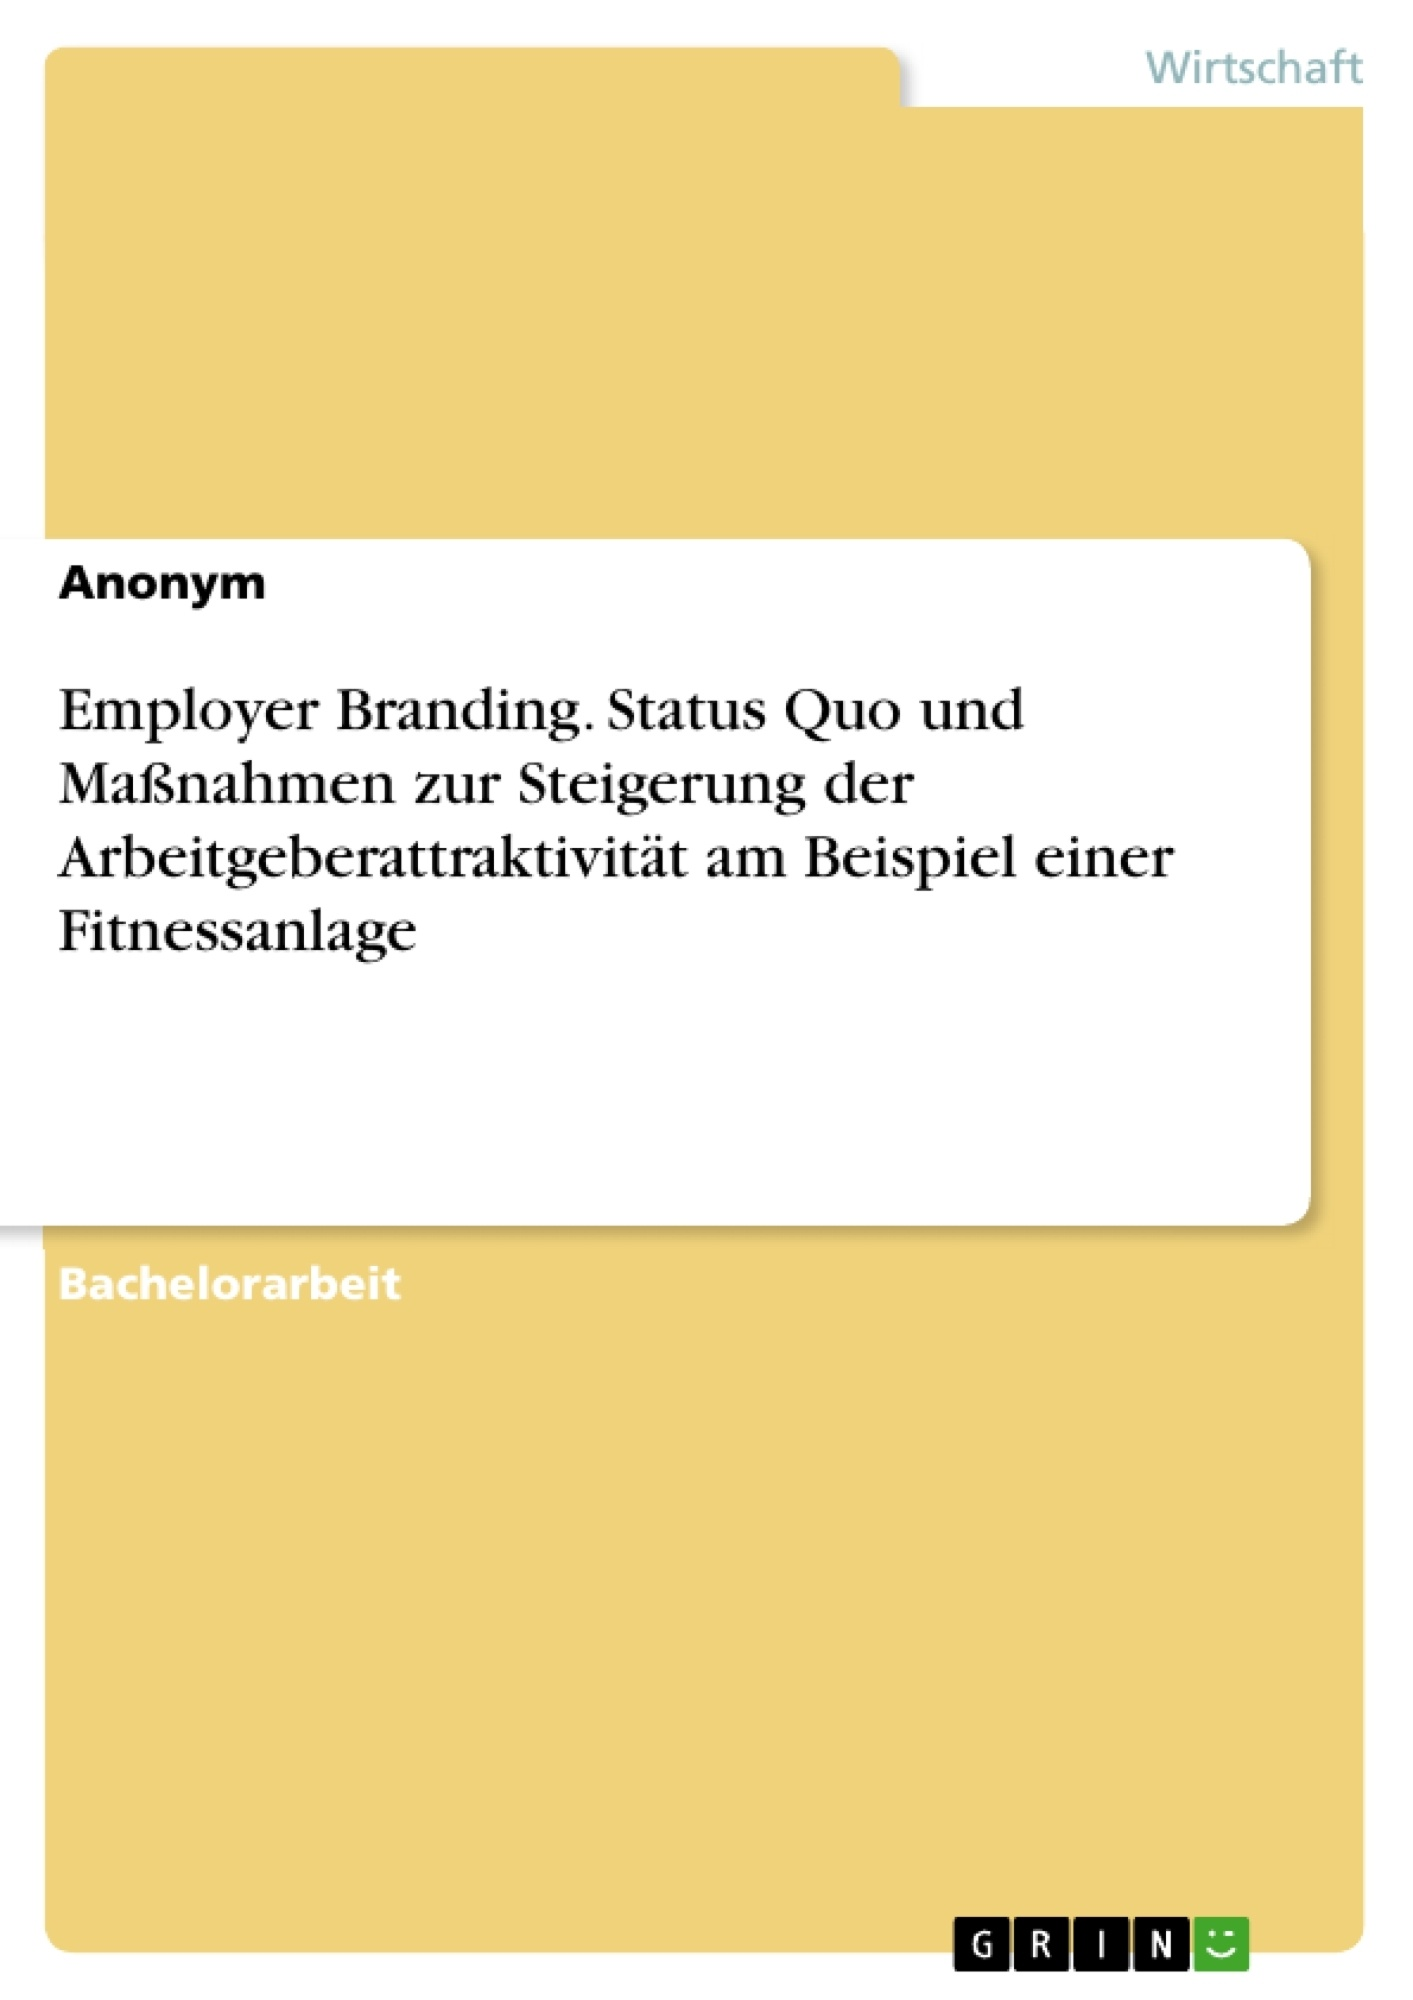 Titel: Employer Branding. Status Quo und Maßnahmen zur Steigerung der Arbeitgeberattraktivität am Beispiel einer Fitnessanlage